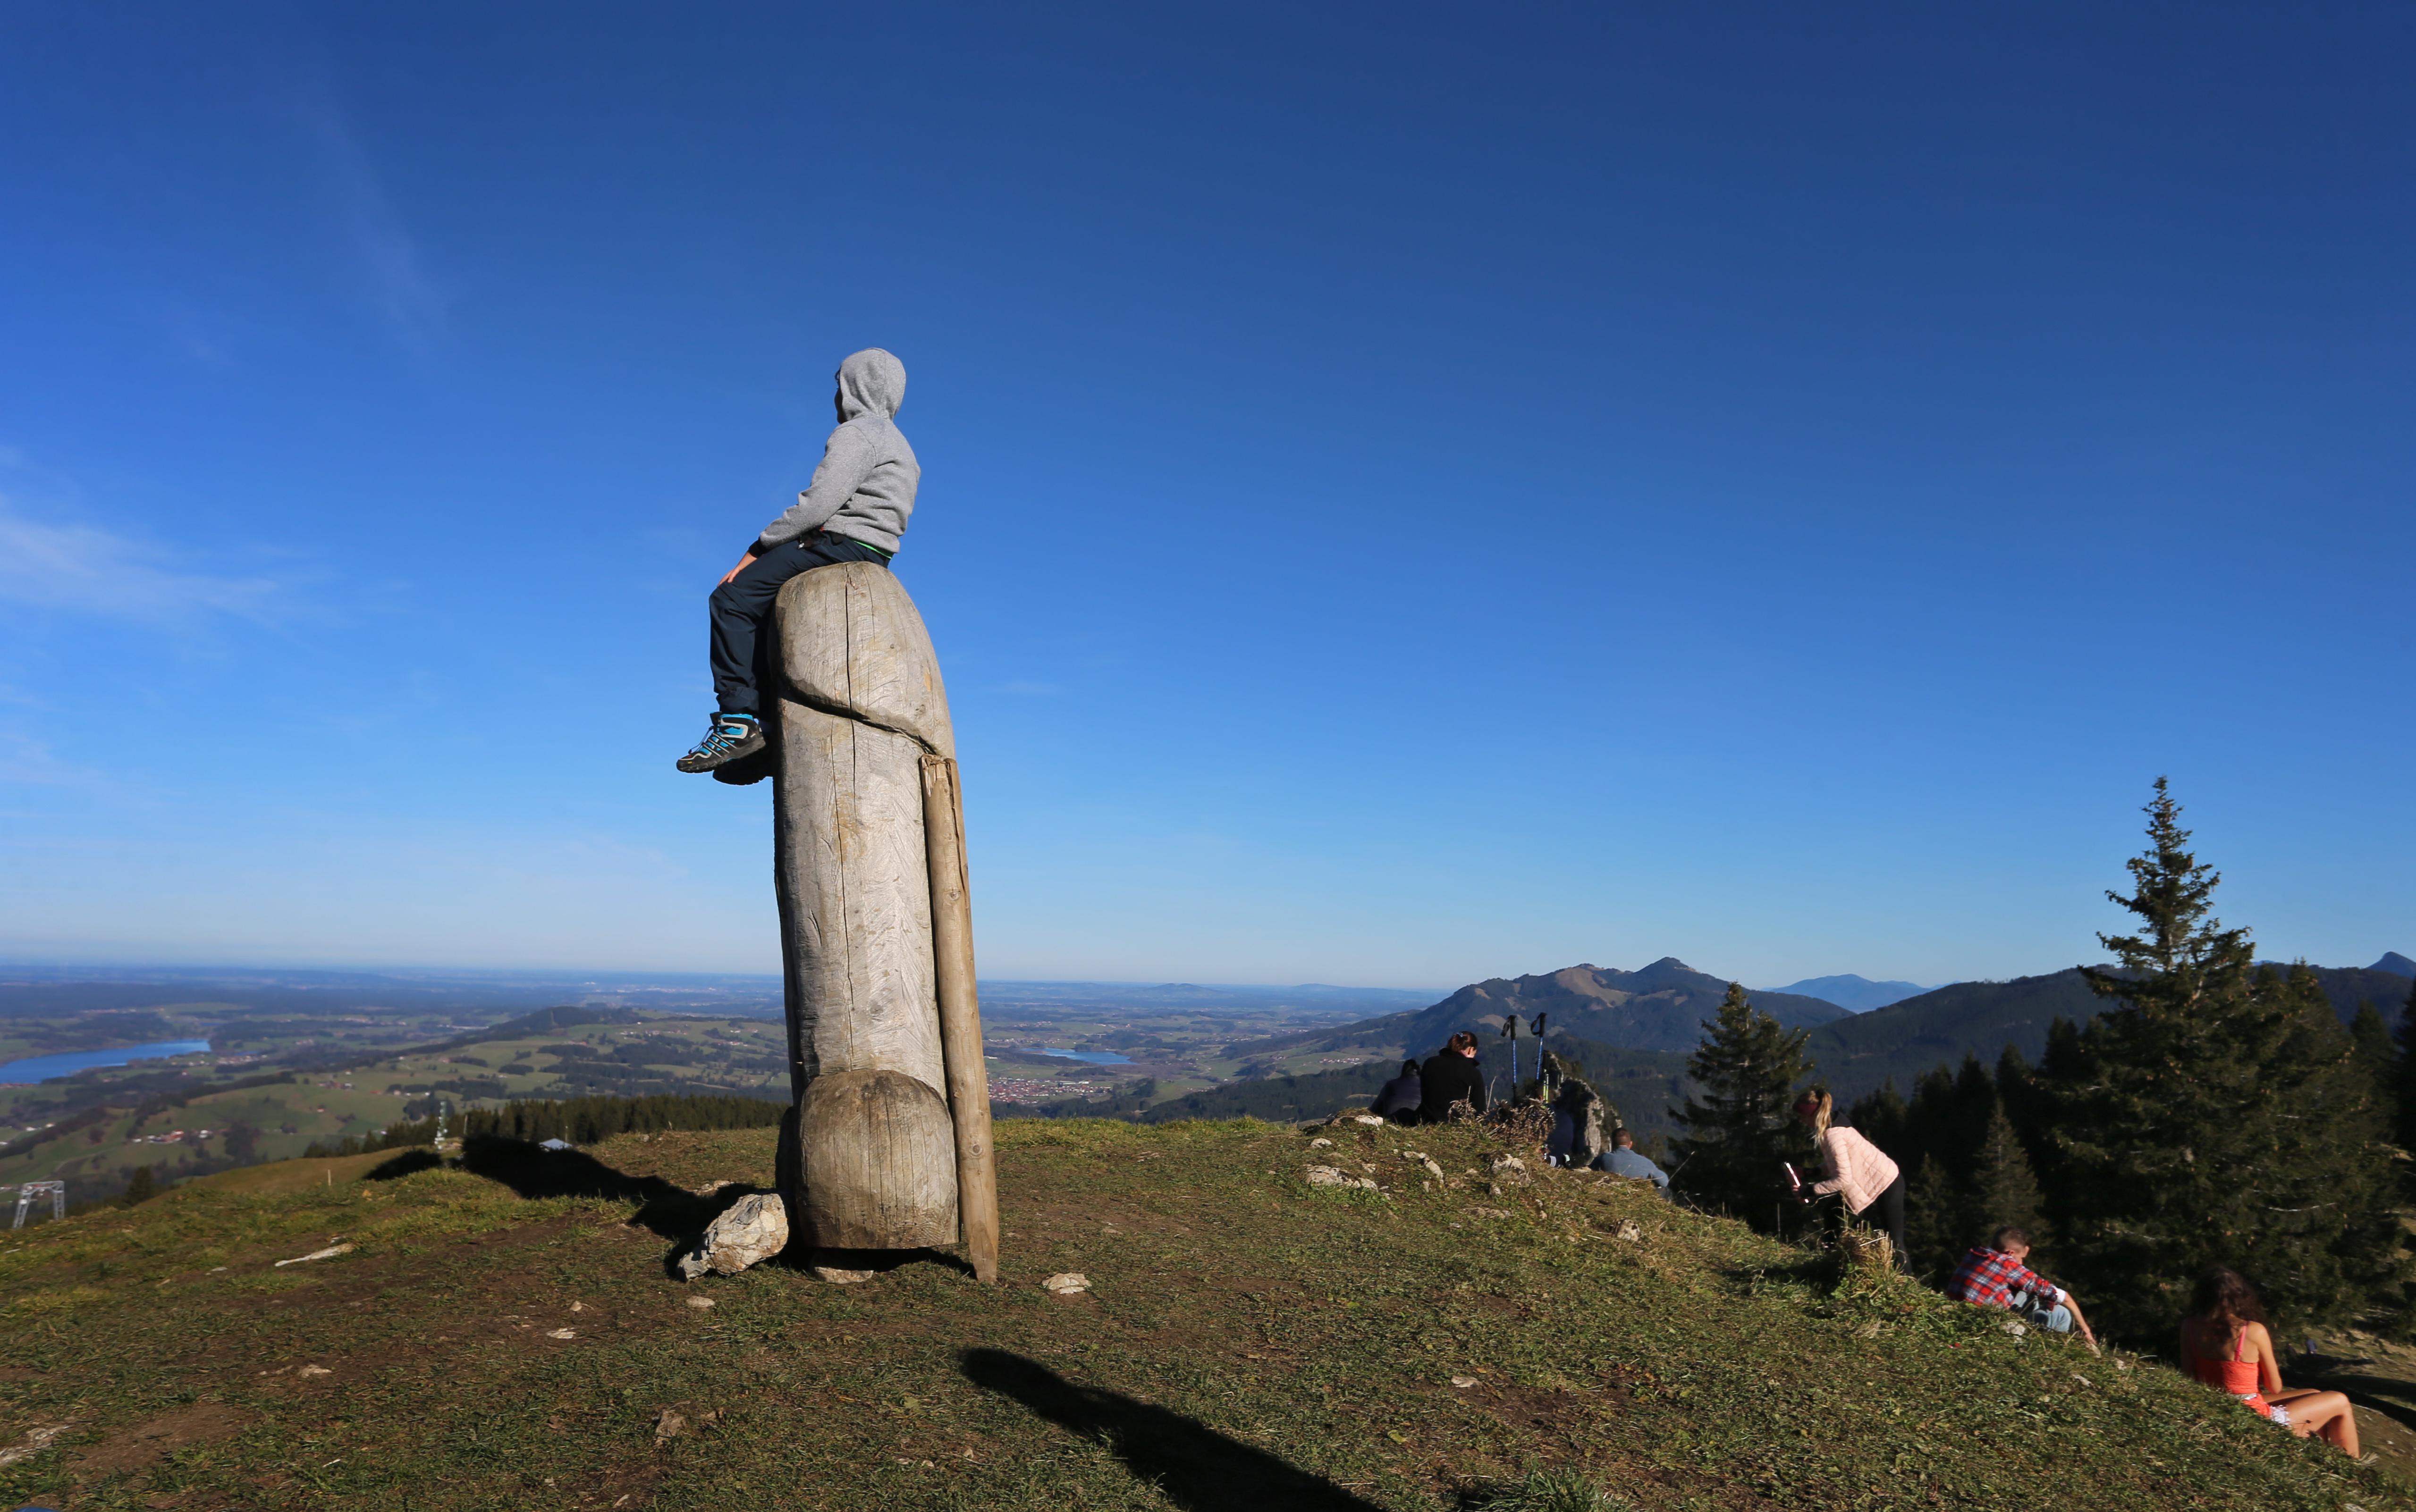 Nyomozni kezdett a bajor rendőrség, hova tűnhetett a hegy tetejéről a 2 méteres fafasz